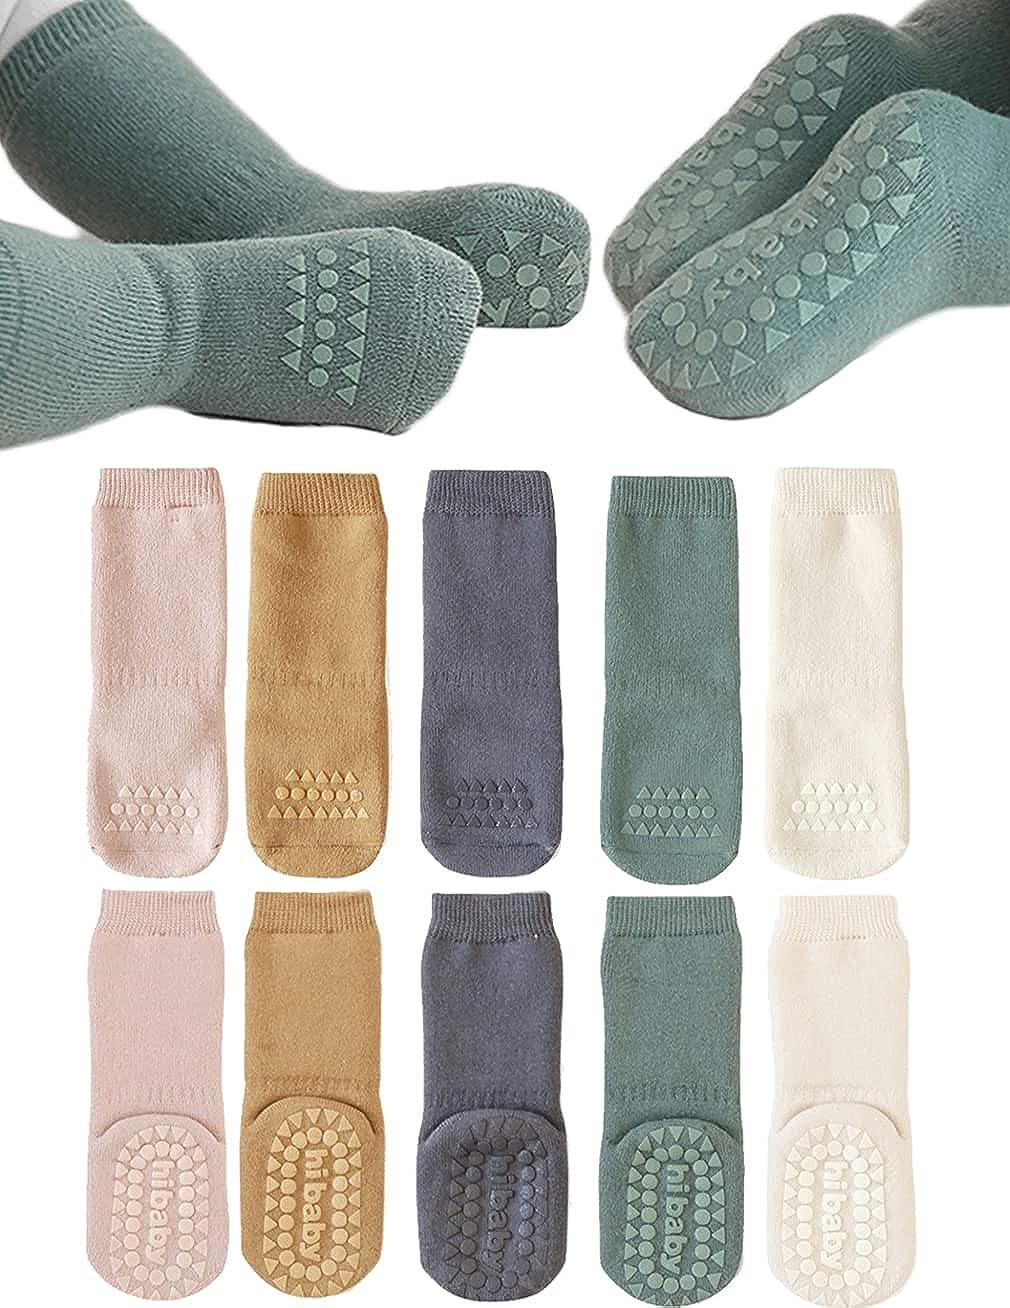 Baby Non Slip Grip Socks Toddler Knee High Anti Skid Crew Slipper Crawling Socks for Girls Boys Newborn